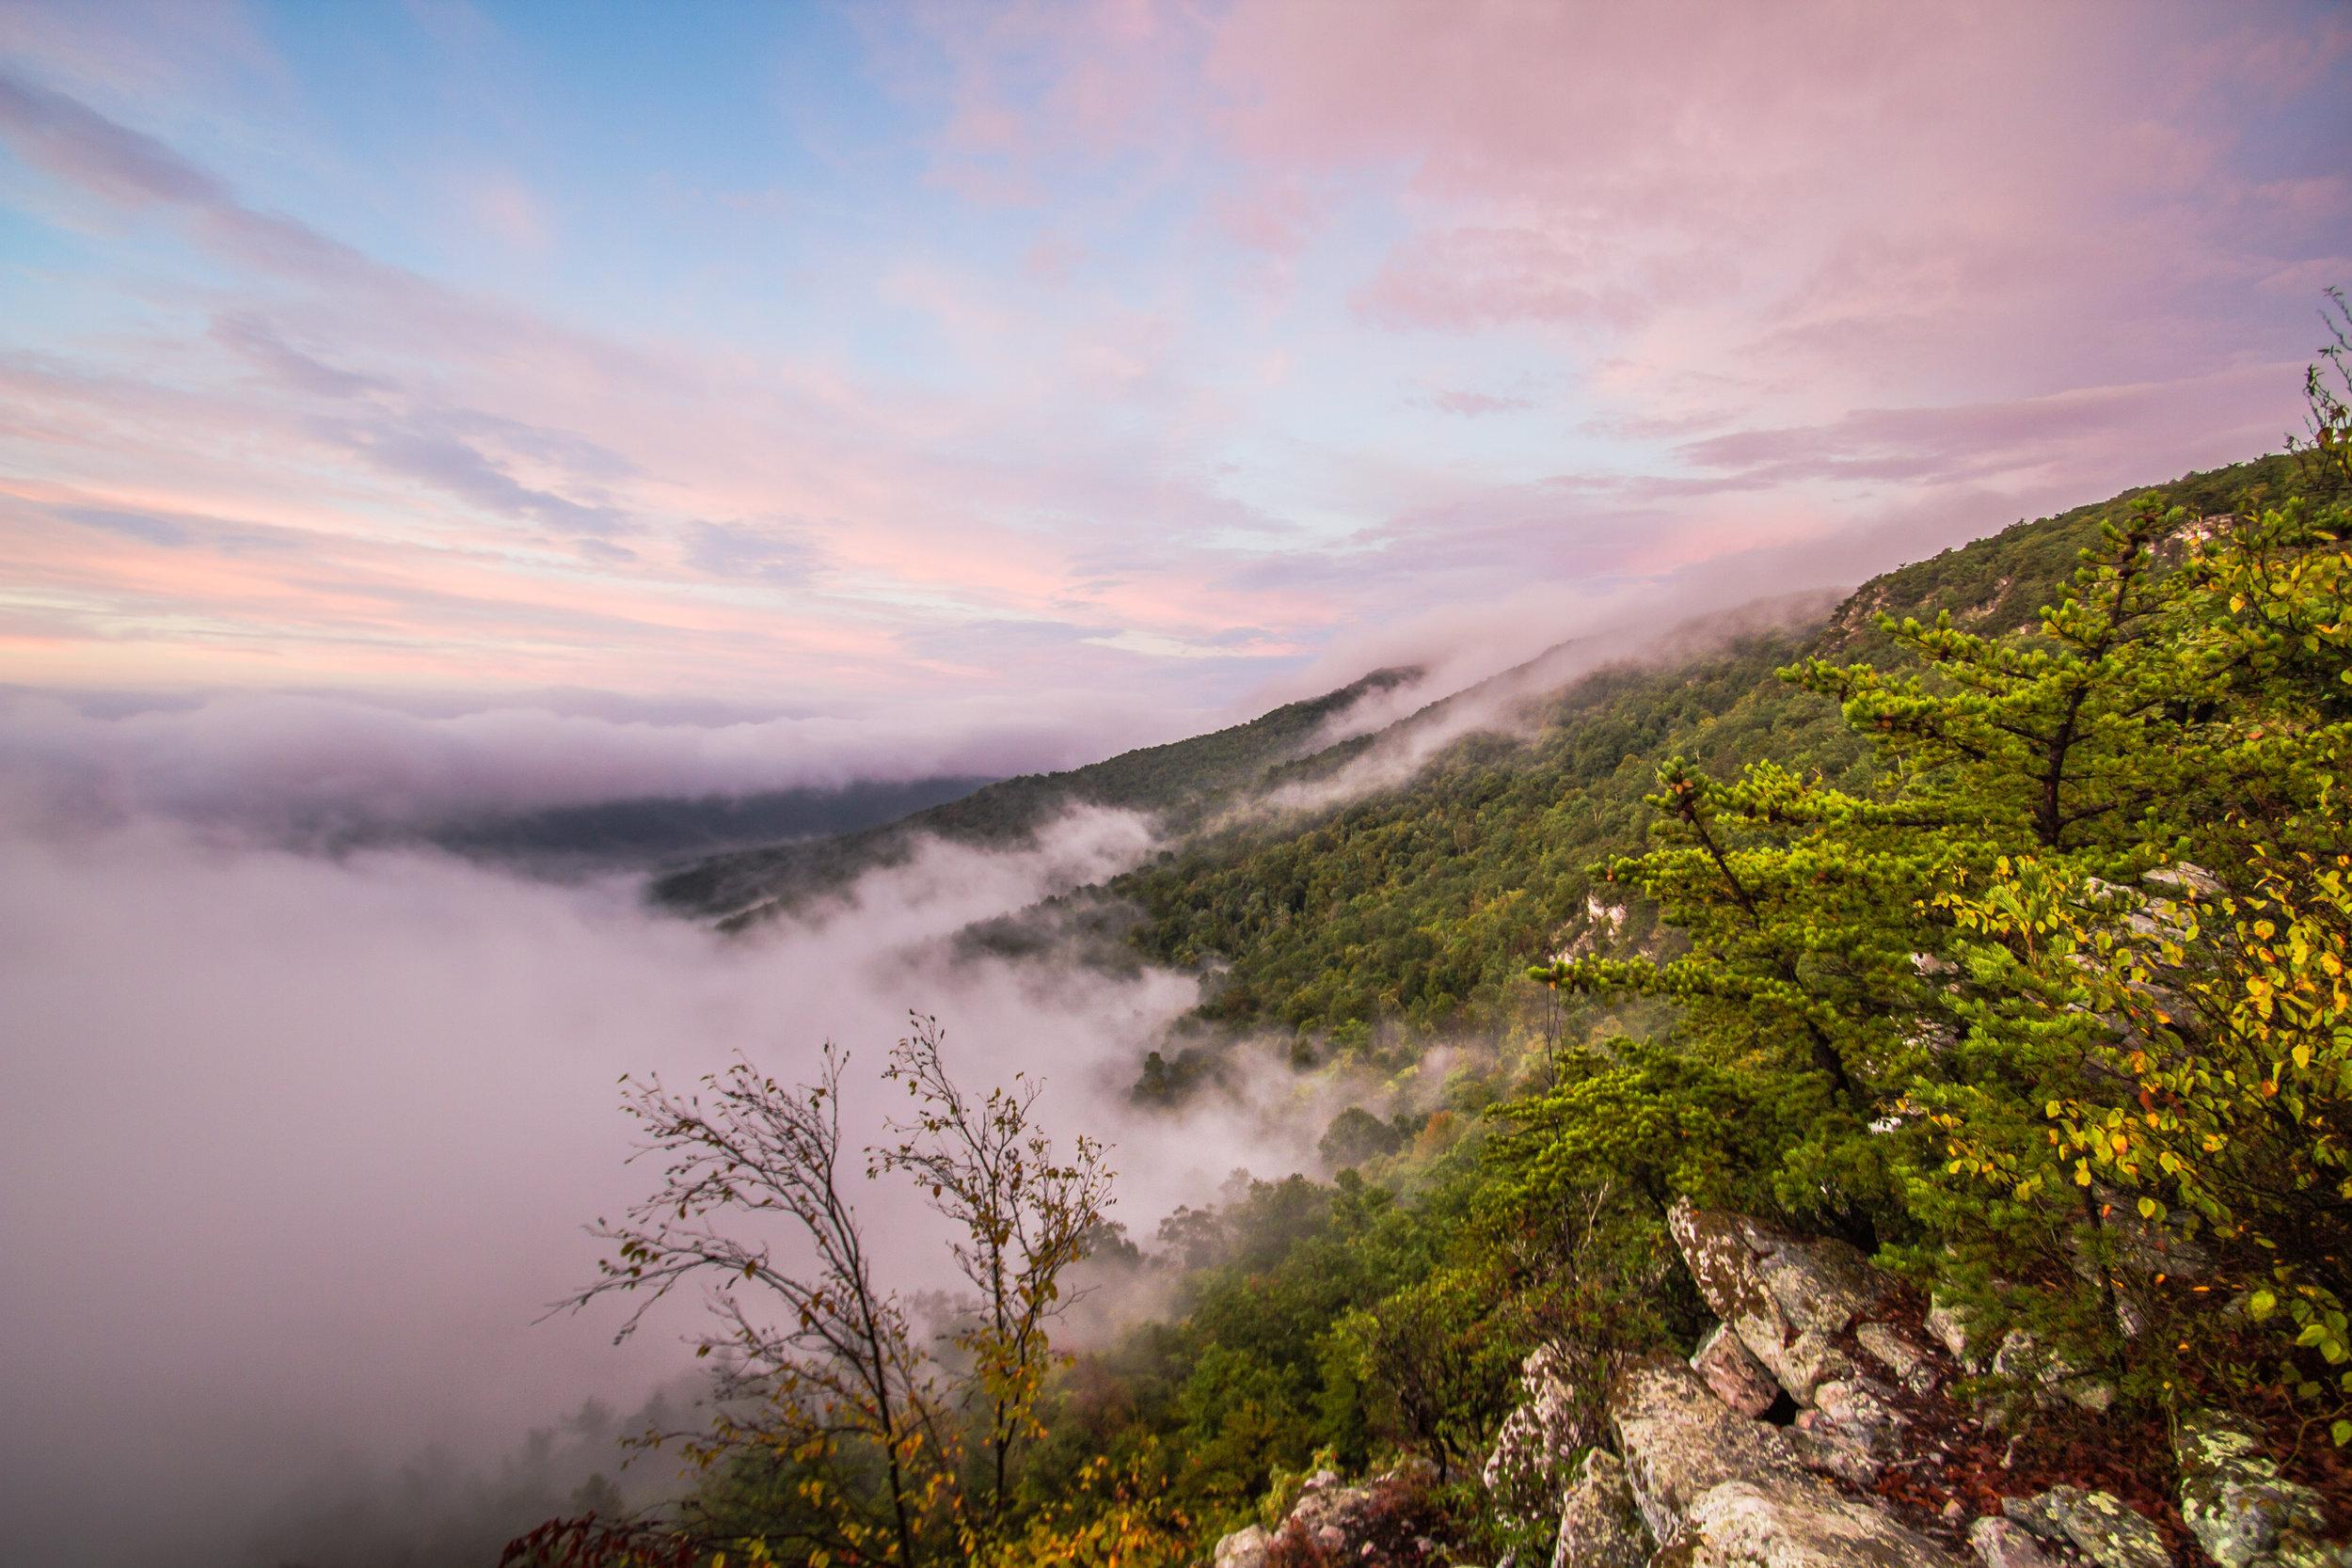 Sunrise in White Rocks, George Washington National Forest, West Virginia